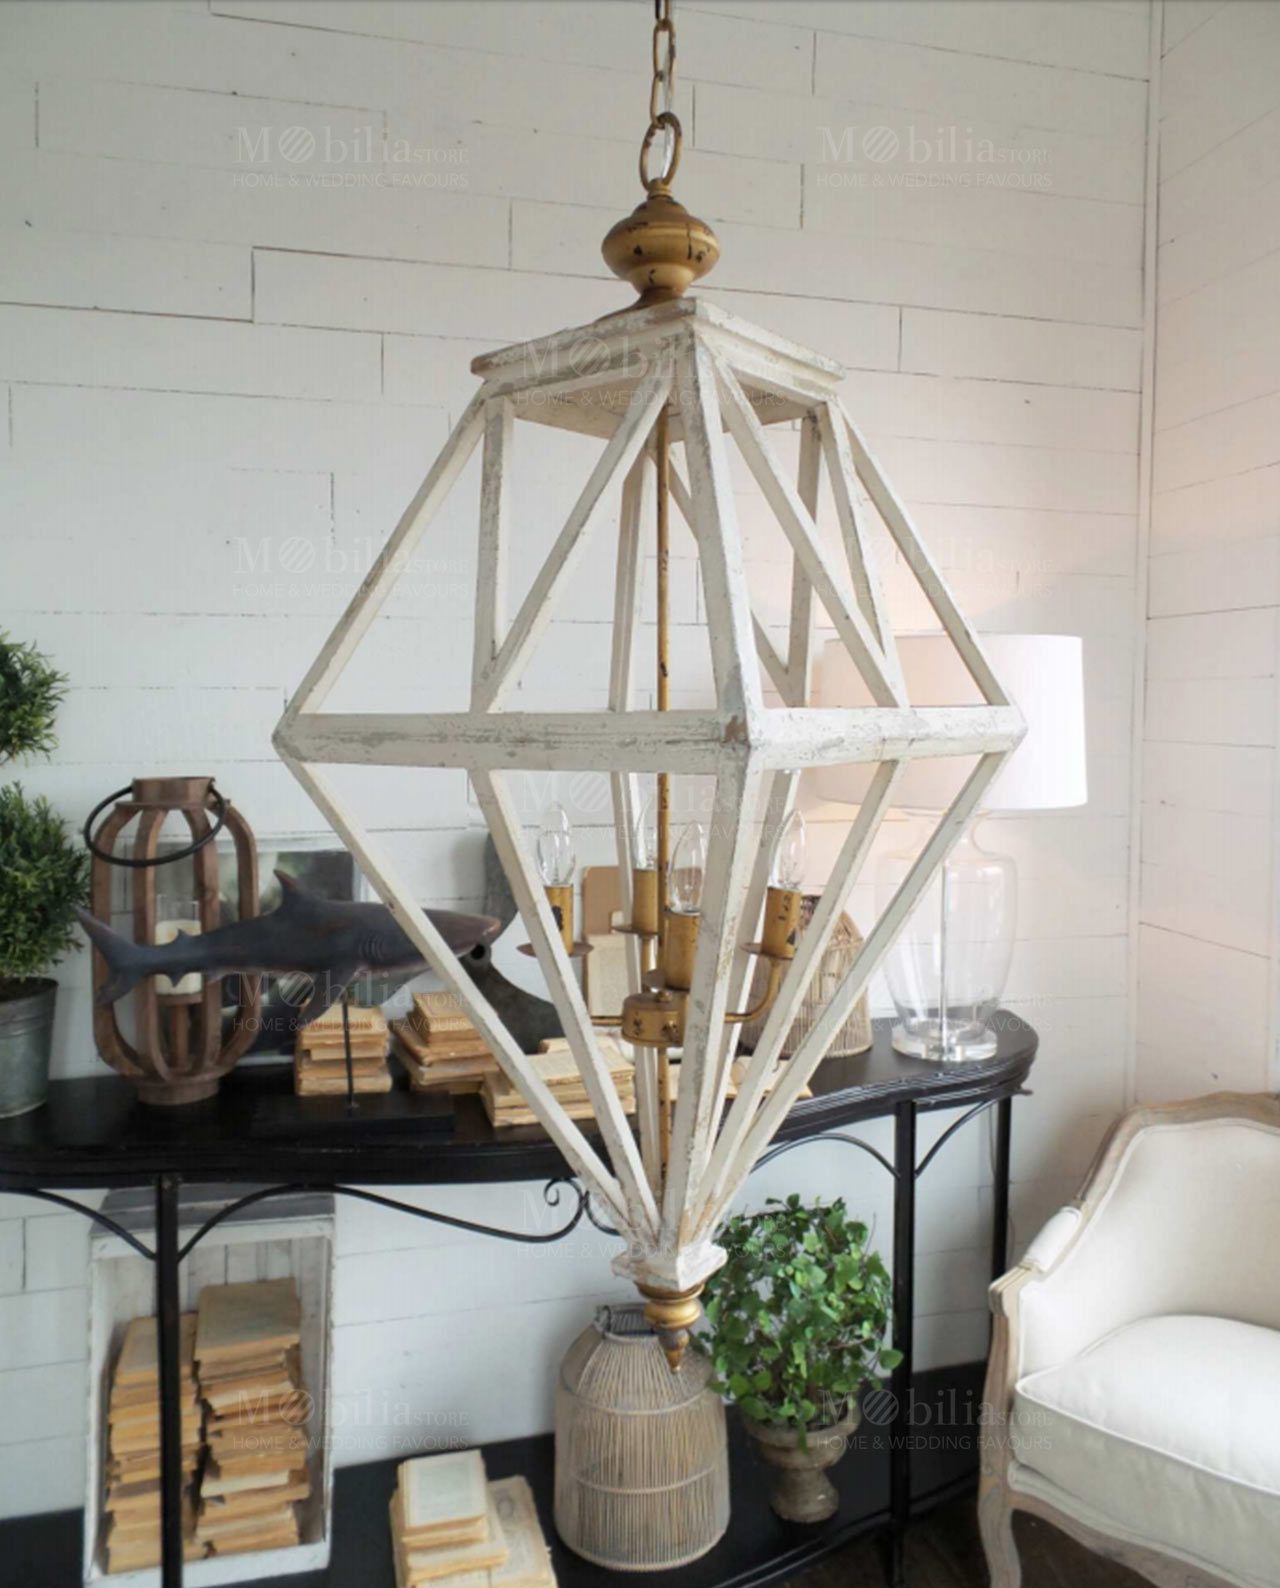 Lampadari Moderni In Legno ~ Tutte le Immagini per la Progettazione di Casa e le Idee di Mobili